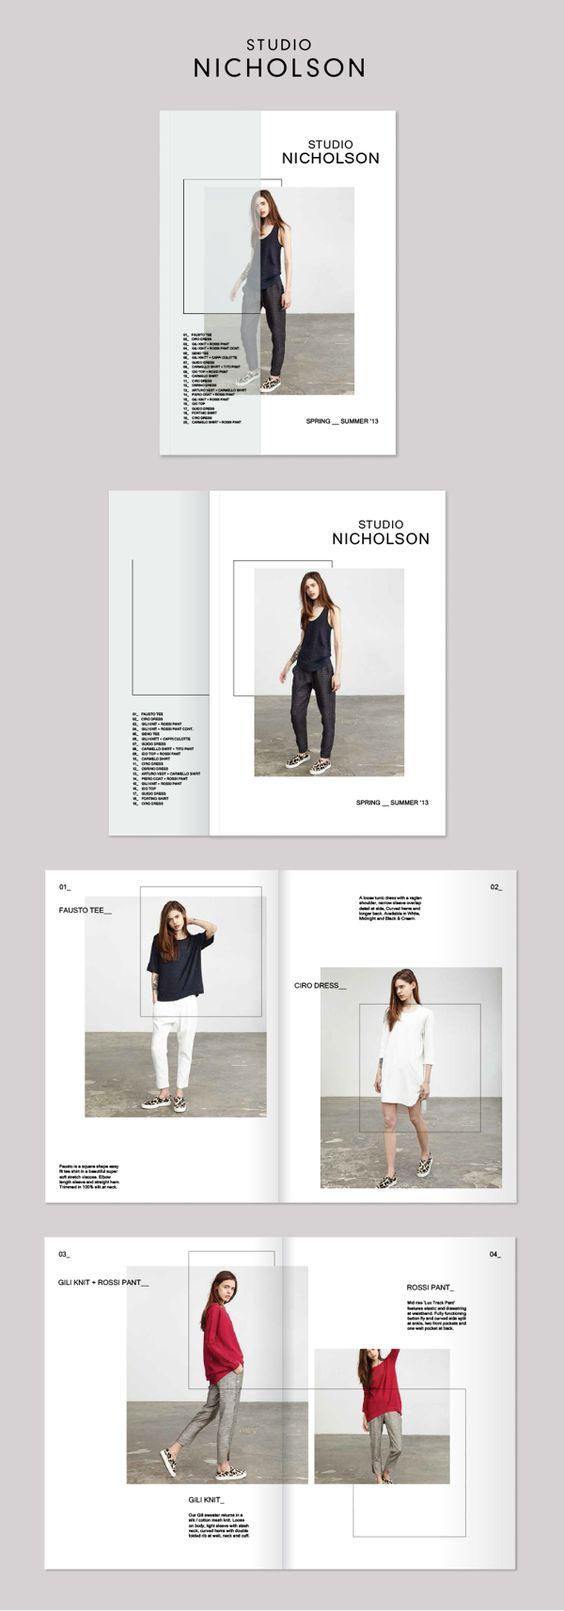 Anordnung Bilder, Linien   Studio Nicholson Lookbook by Rebecca Moores, via Behance